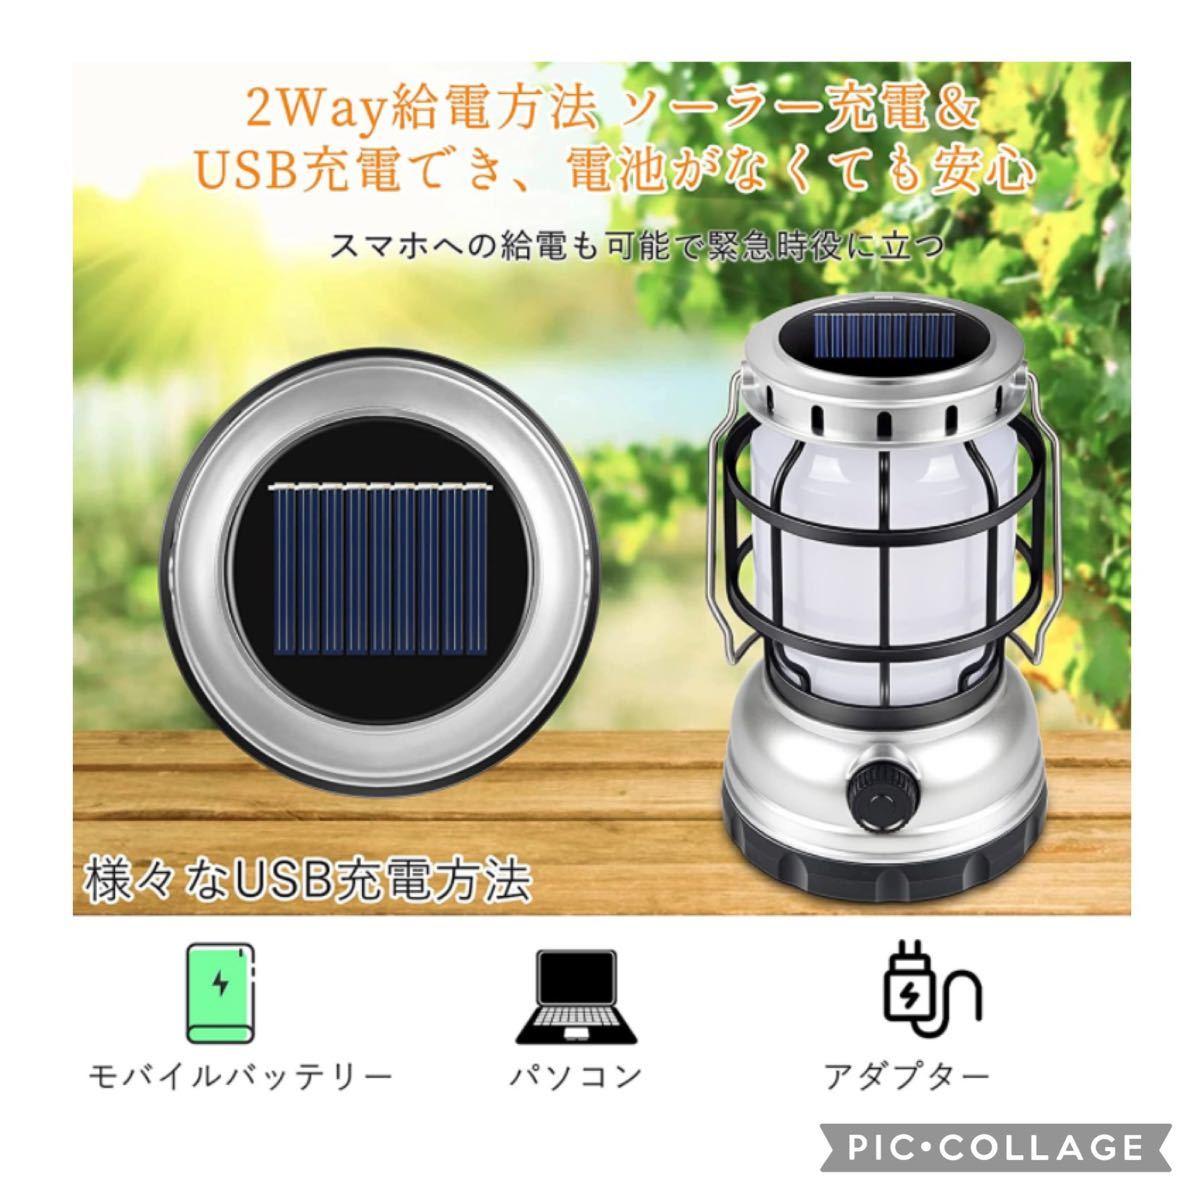 充電式キャンプランタン LEDランタン ソーラー充電式&USB充電式